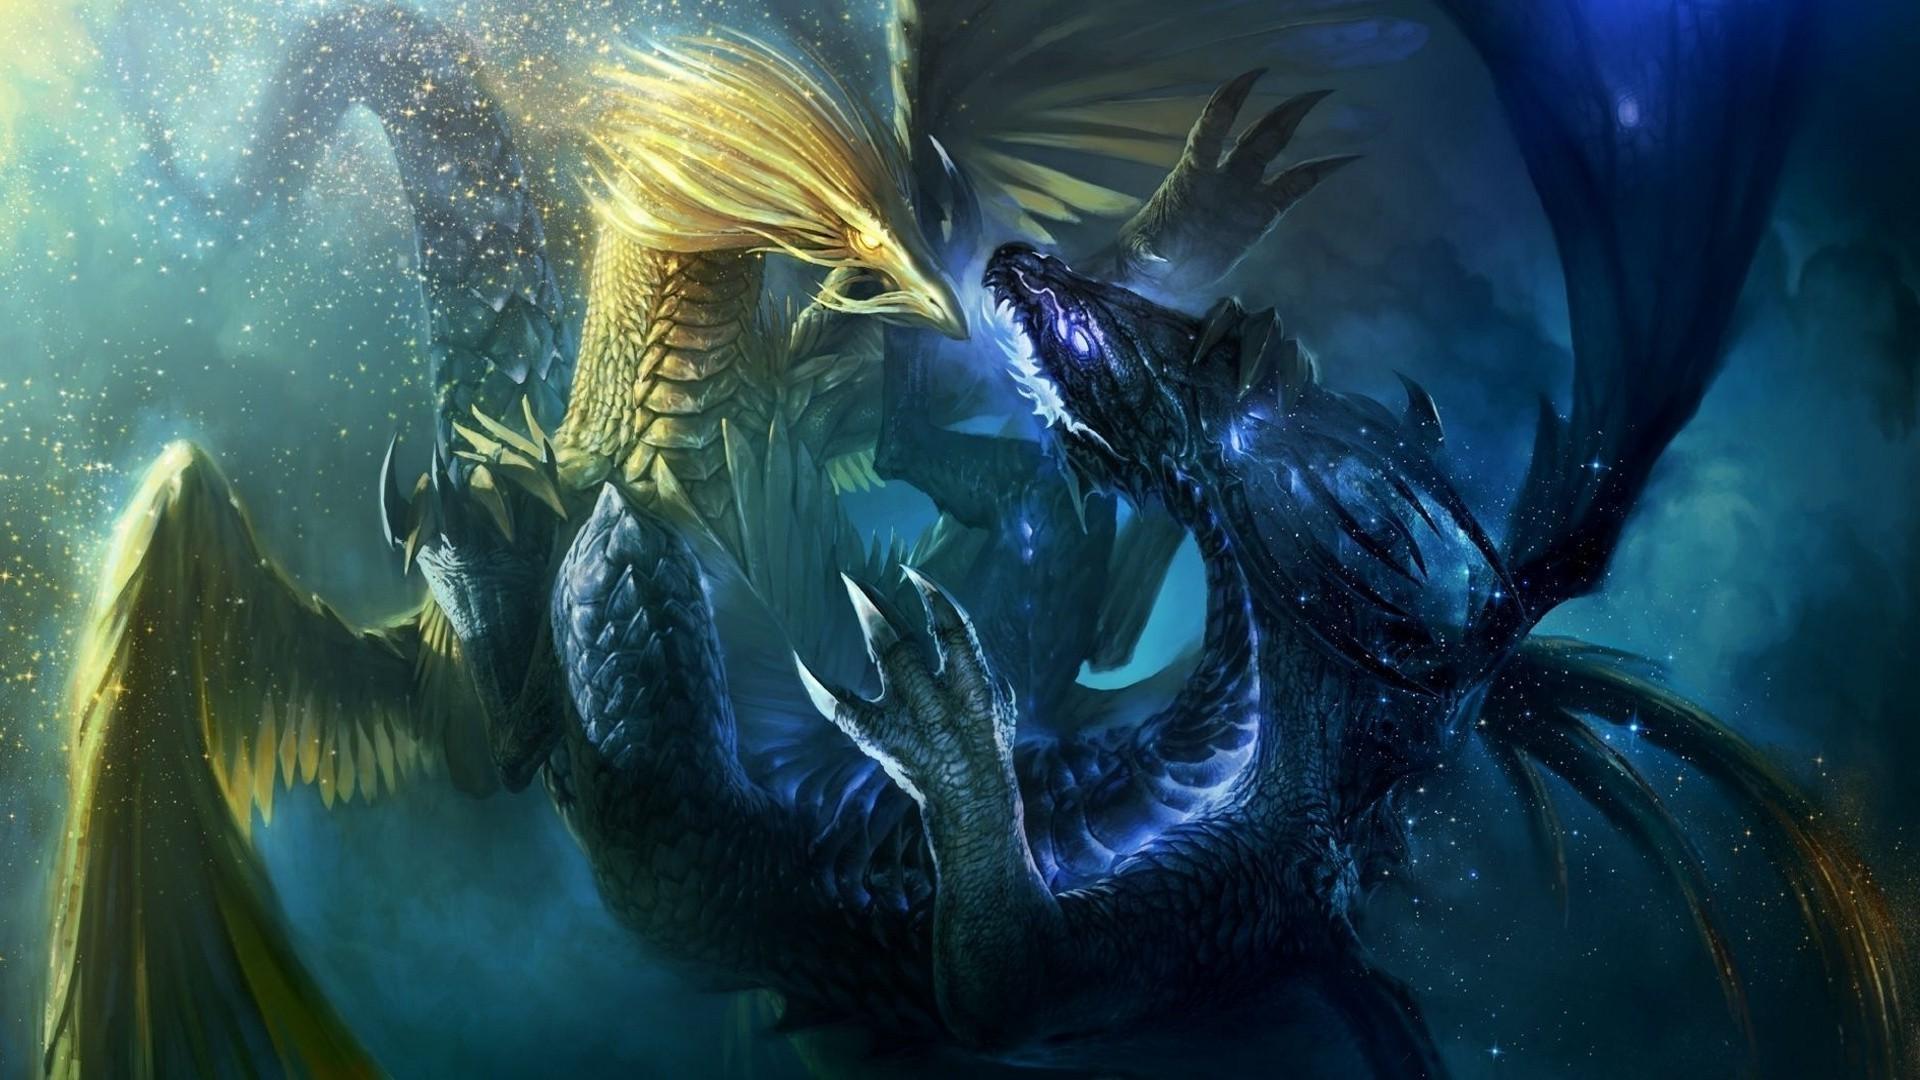 Fantasy Dragon Fight 1920x1080